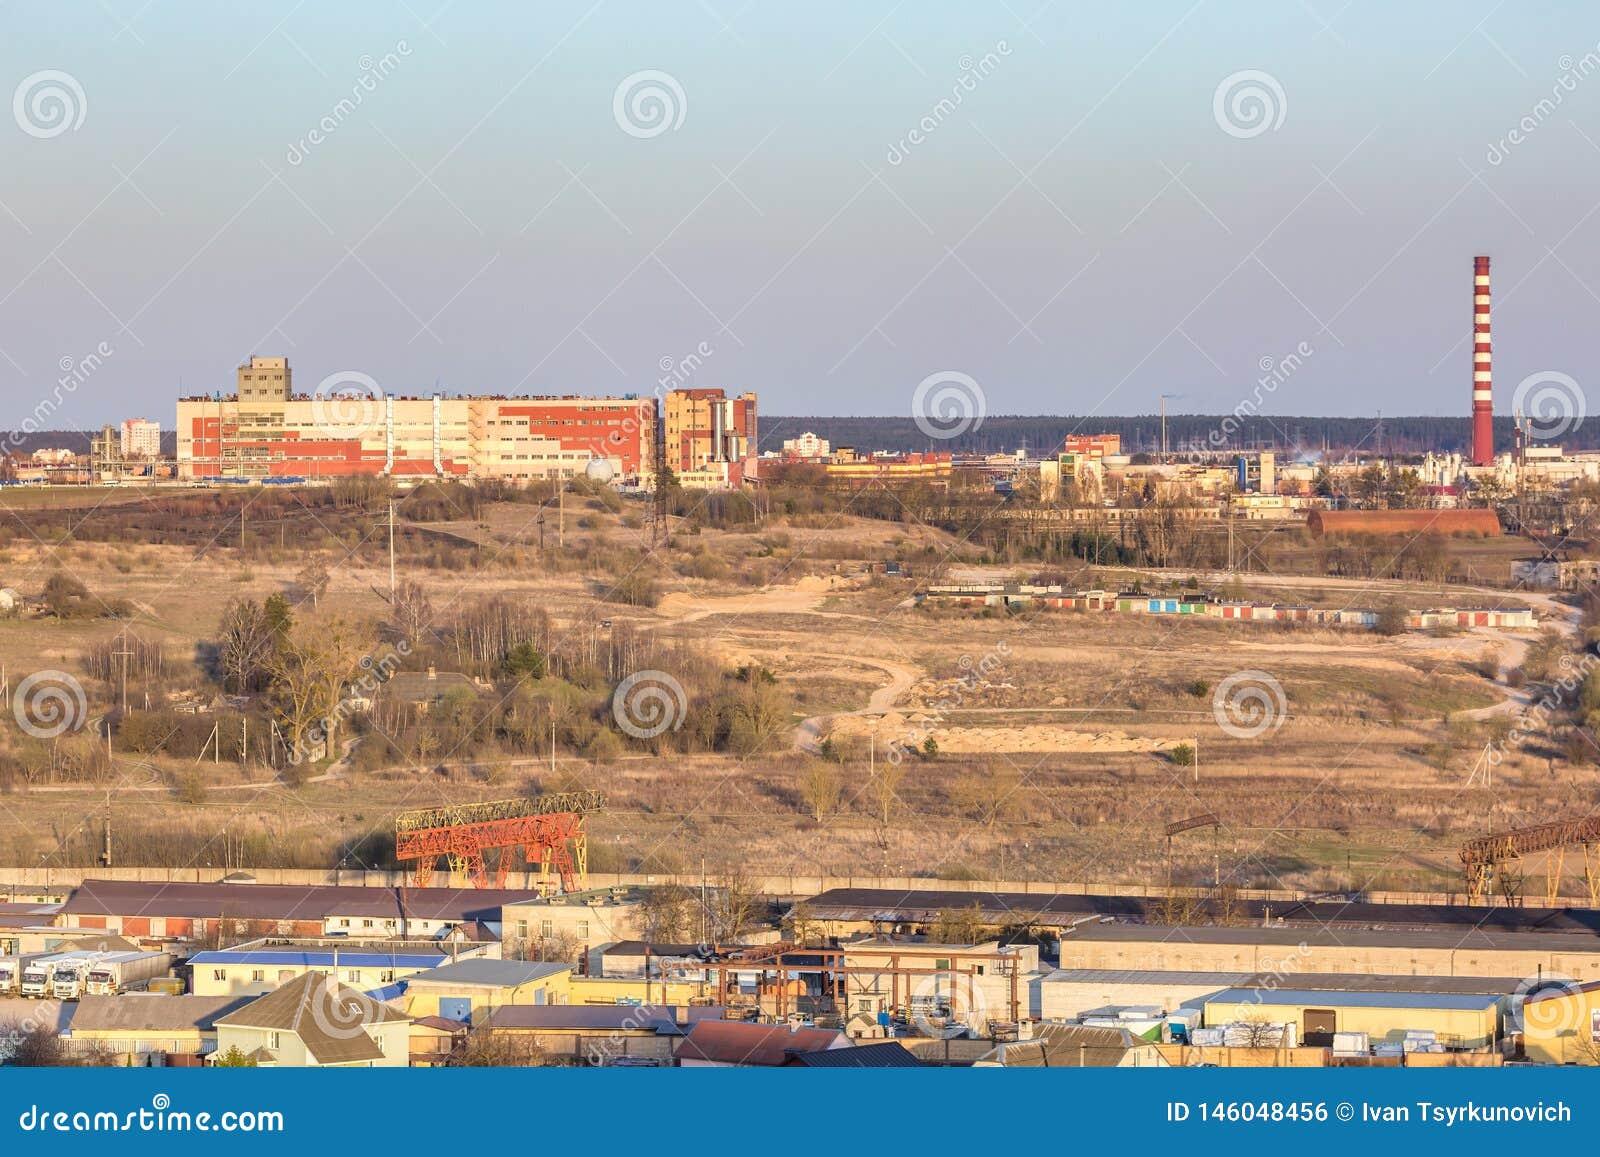 Панорамный вид на квартале городского развития зоны здания деревни жилом в вечере от взгляда глаза птицы